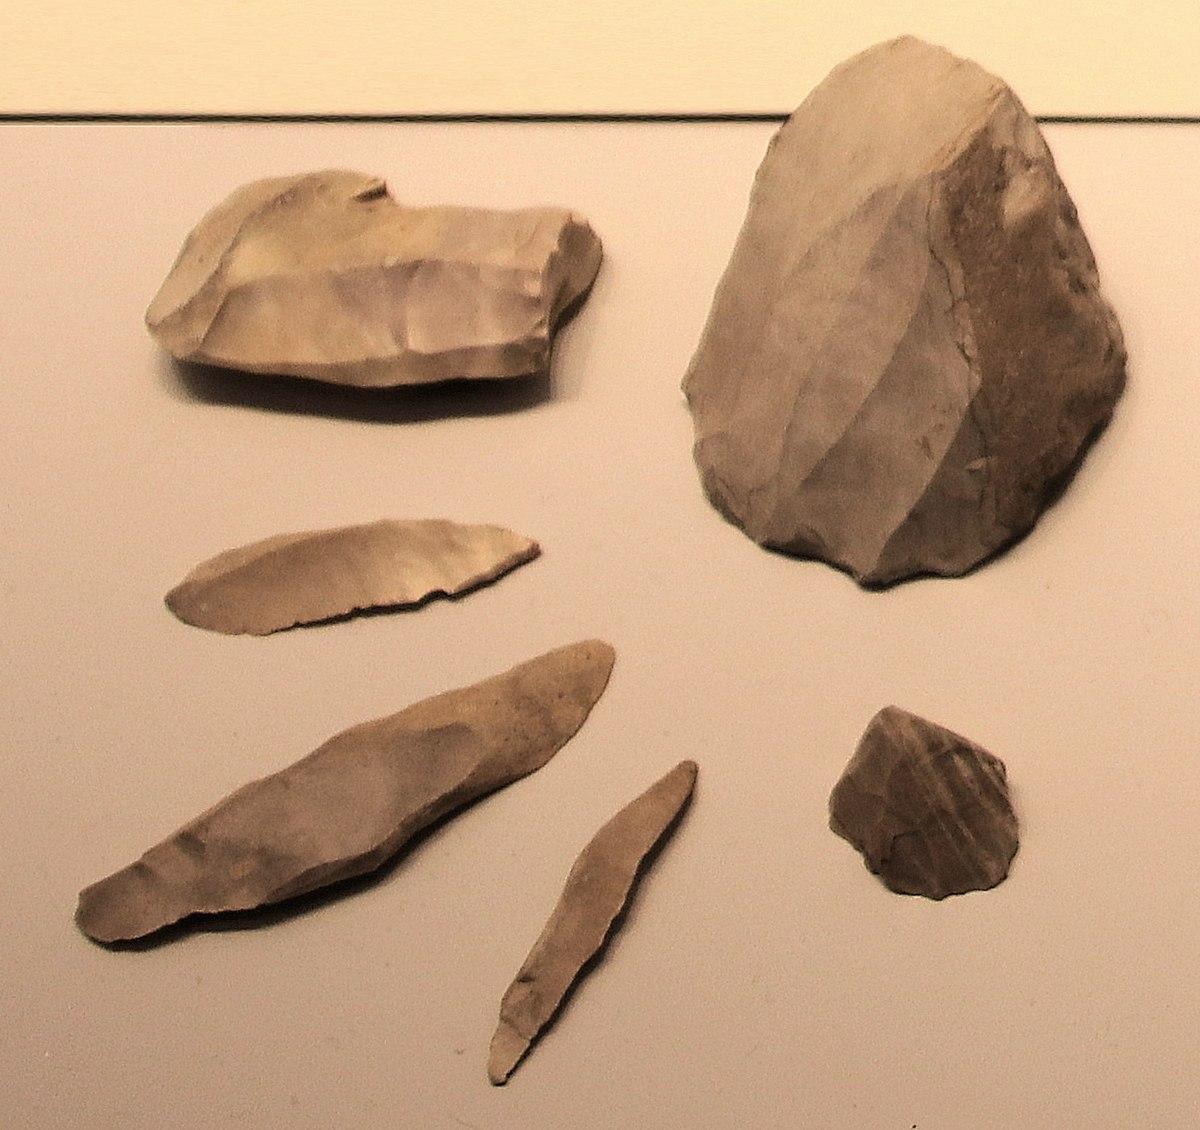 Microliths| Image Source: Wikipedia